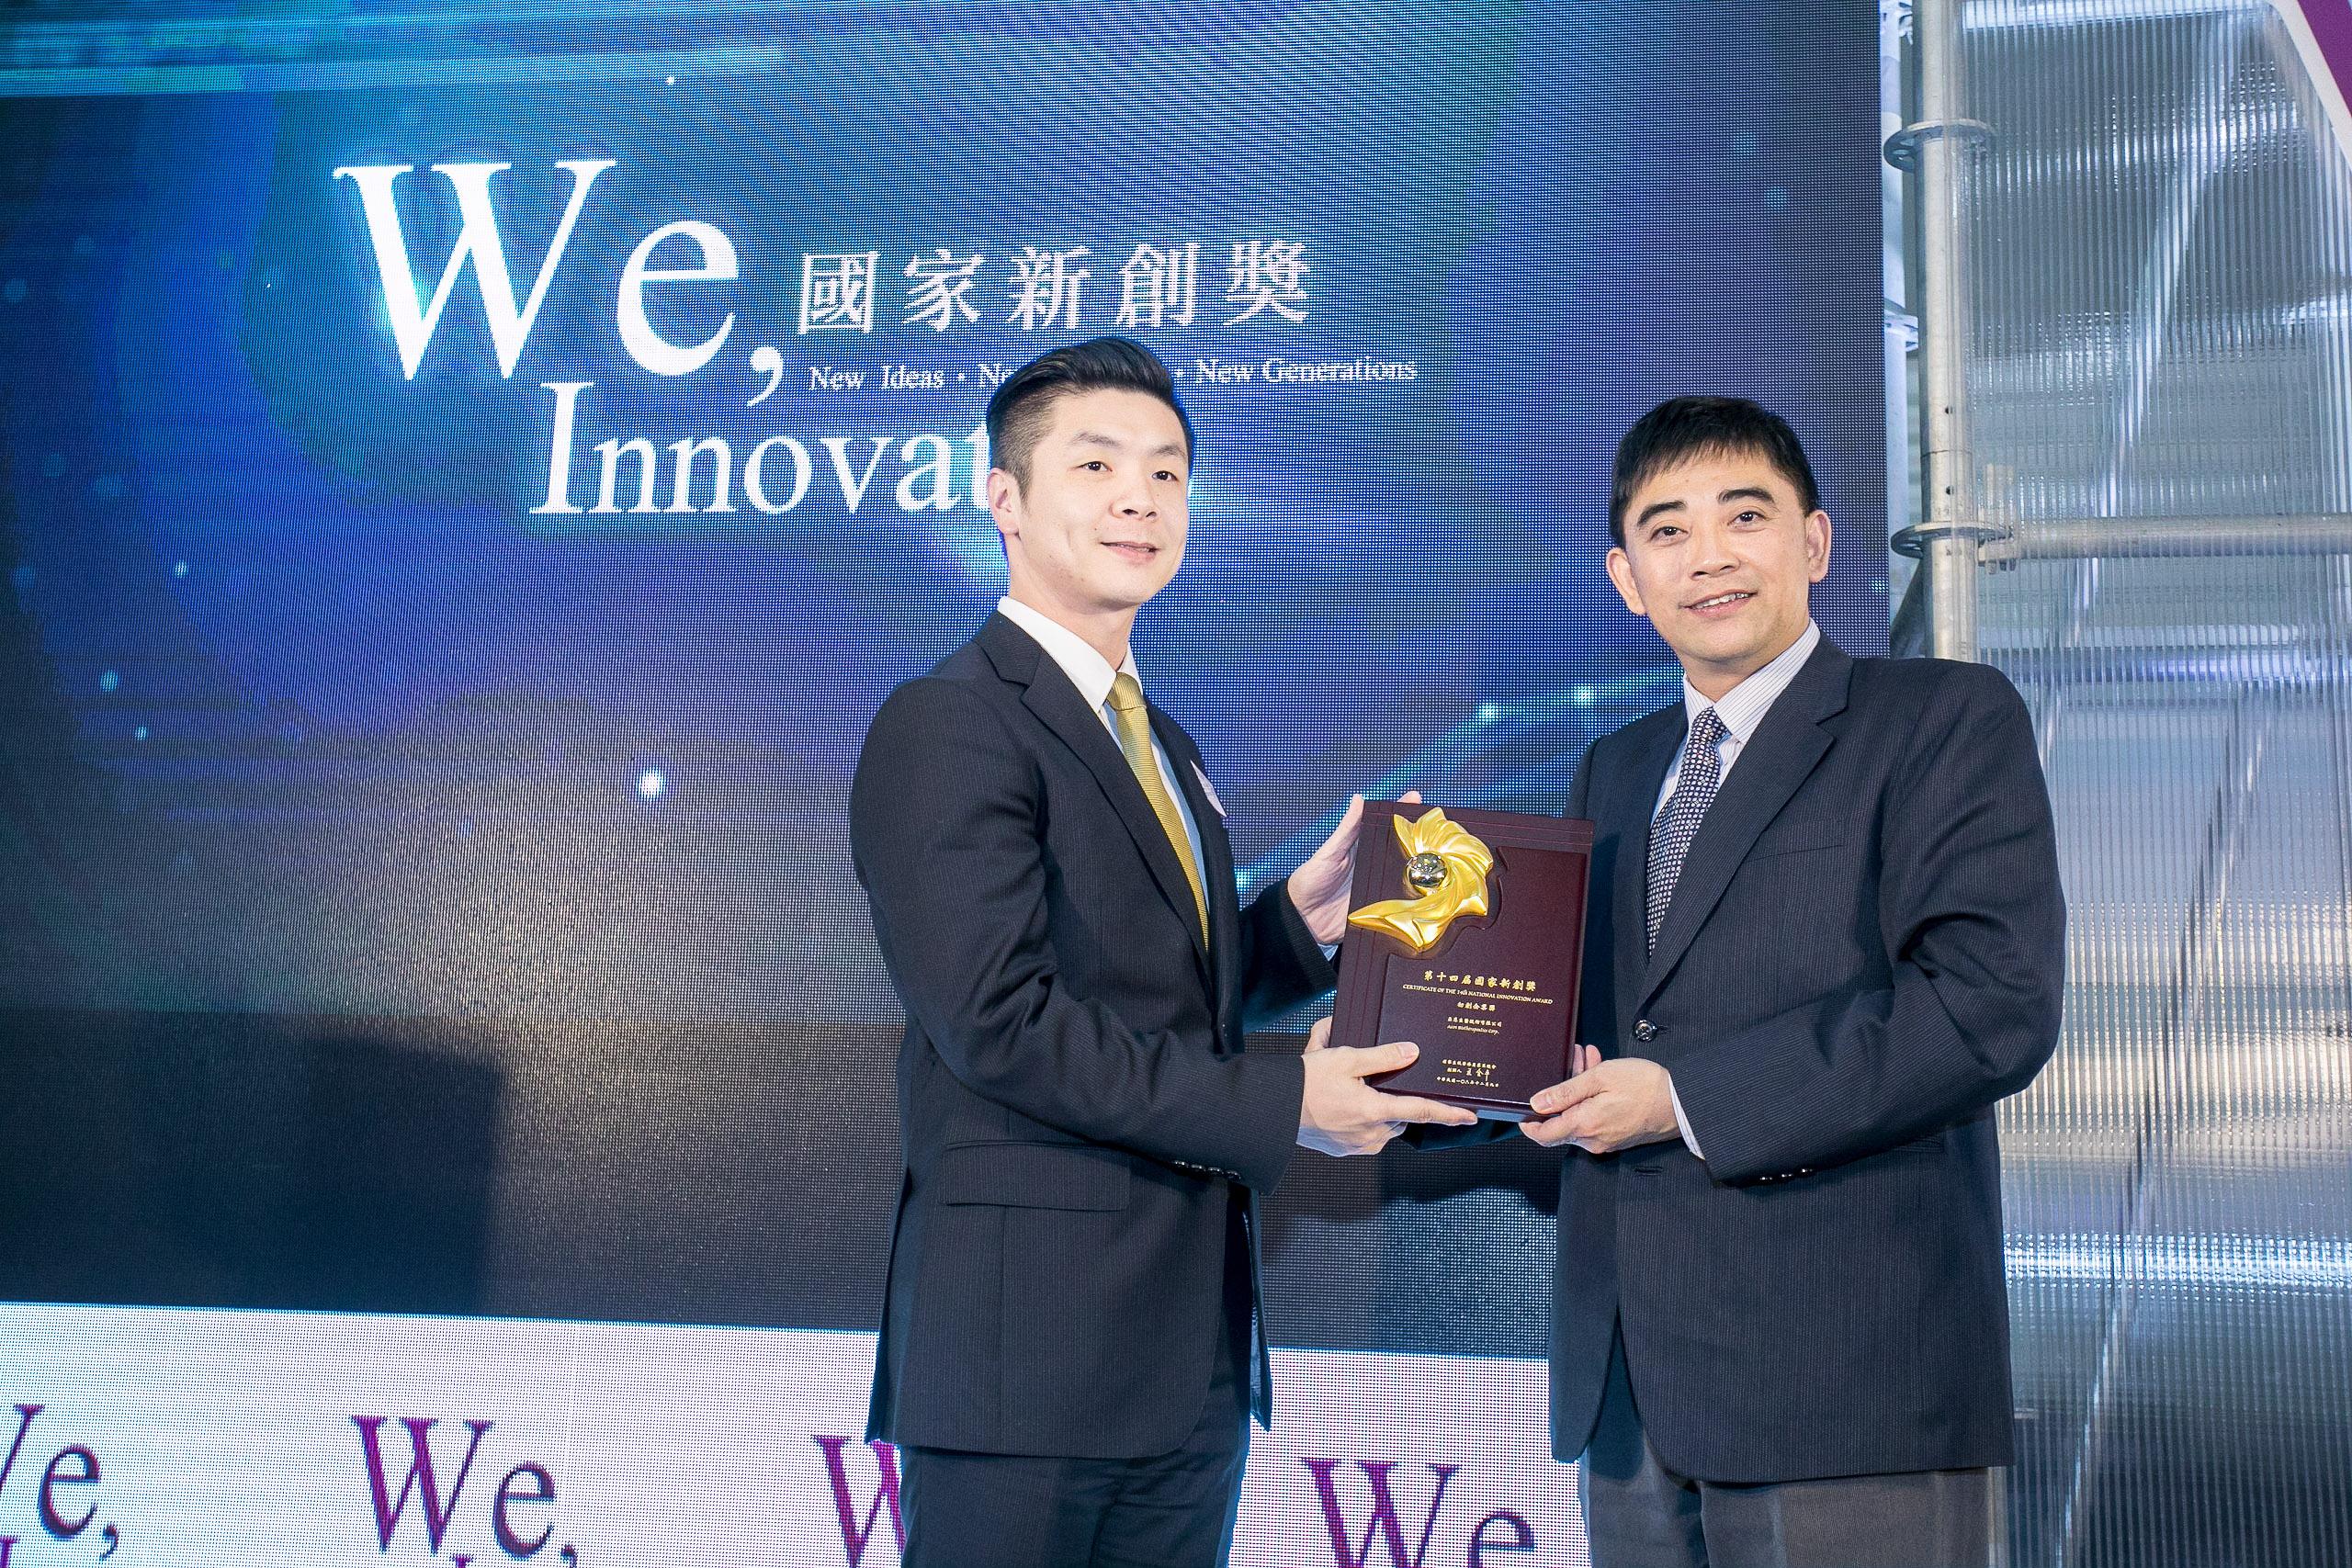 初創企業 獲獎